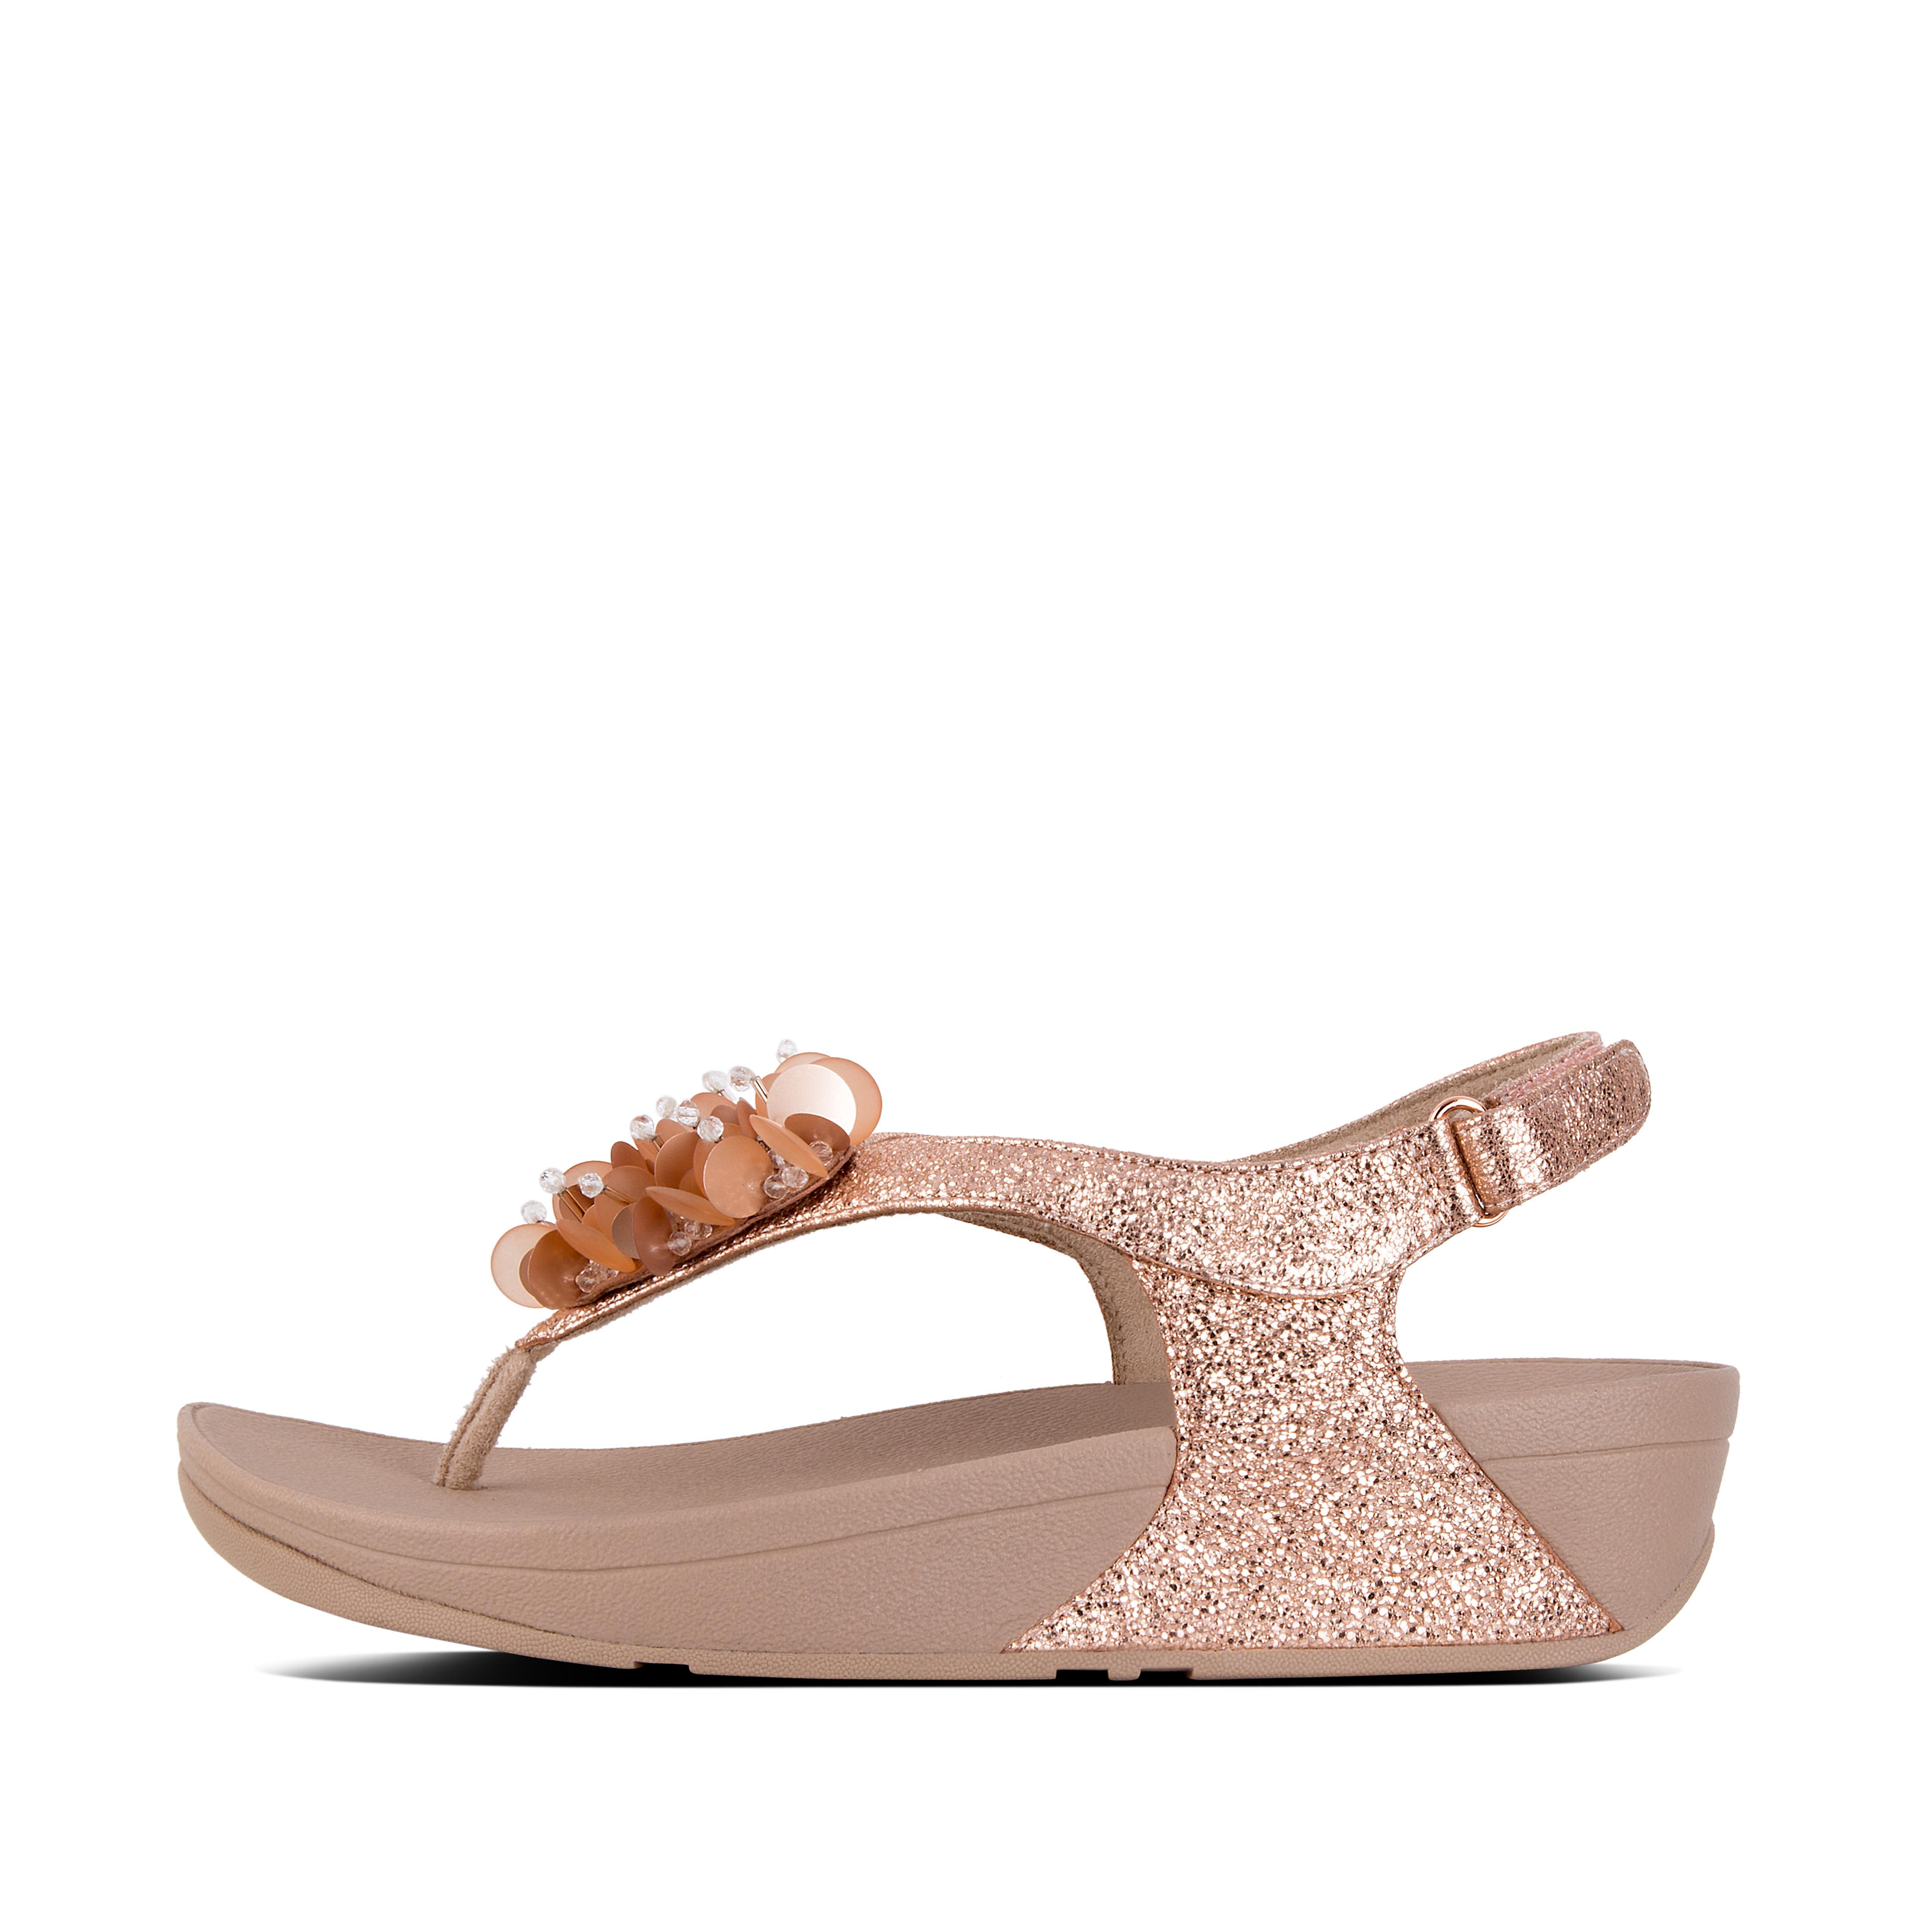 Boogaloo back strap sandal rose gold i37 323?v=7